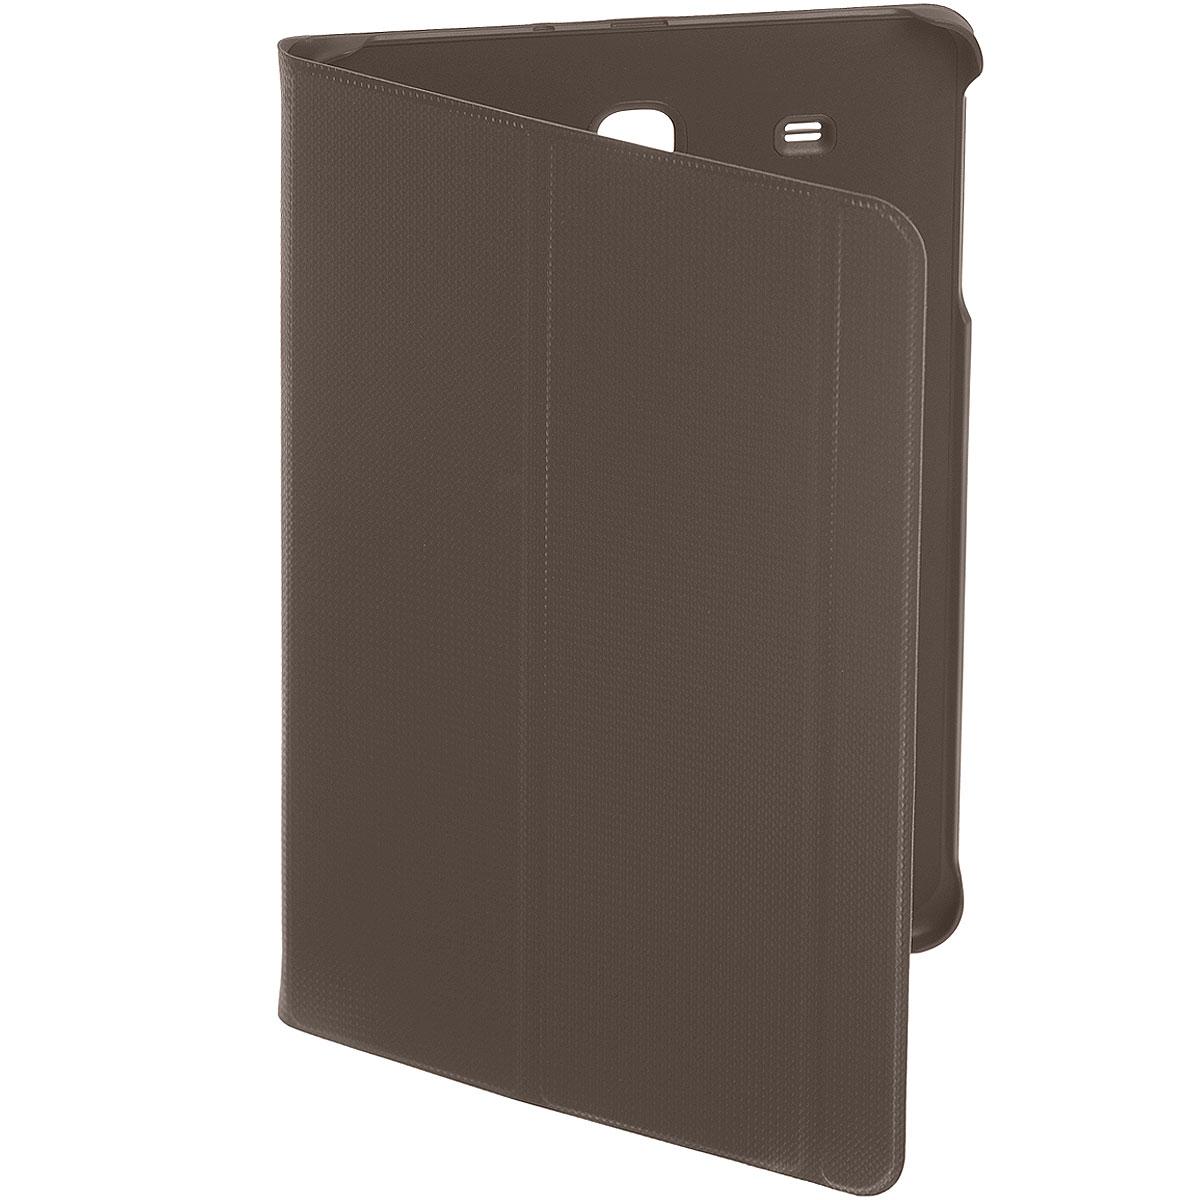 Samsung EF-BT560B BookCover чехол для Galaxy Tab E, BrownEF-BT560BAEGRUЧехол Samsung EF-BT560B BookCover для Galaxy Tab E создан для защиты корпуса и экрана смартфона от внешних воздействий и продления срока его эксплуатации. Для удобства чехол имеет 2 трансформации (подставка и набор текста) и автоматическое включение/выключение экрана при открытии/закрытии чехла.